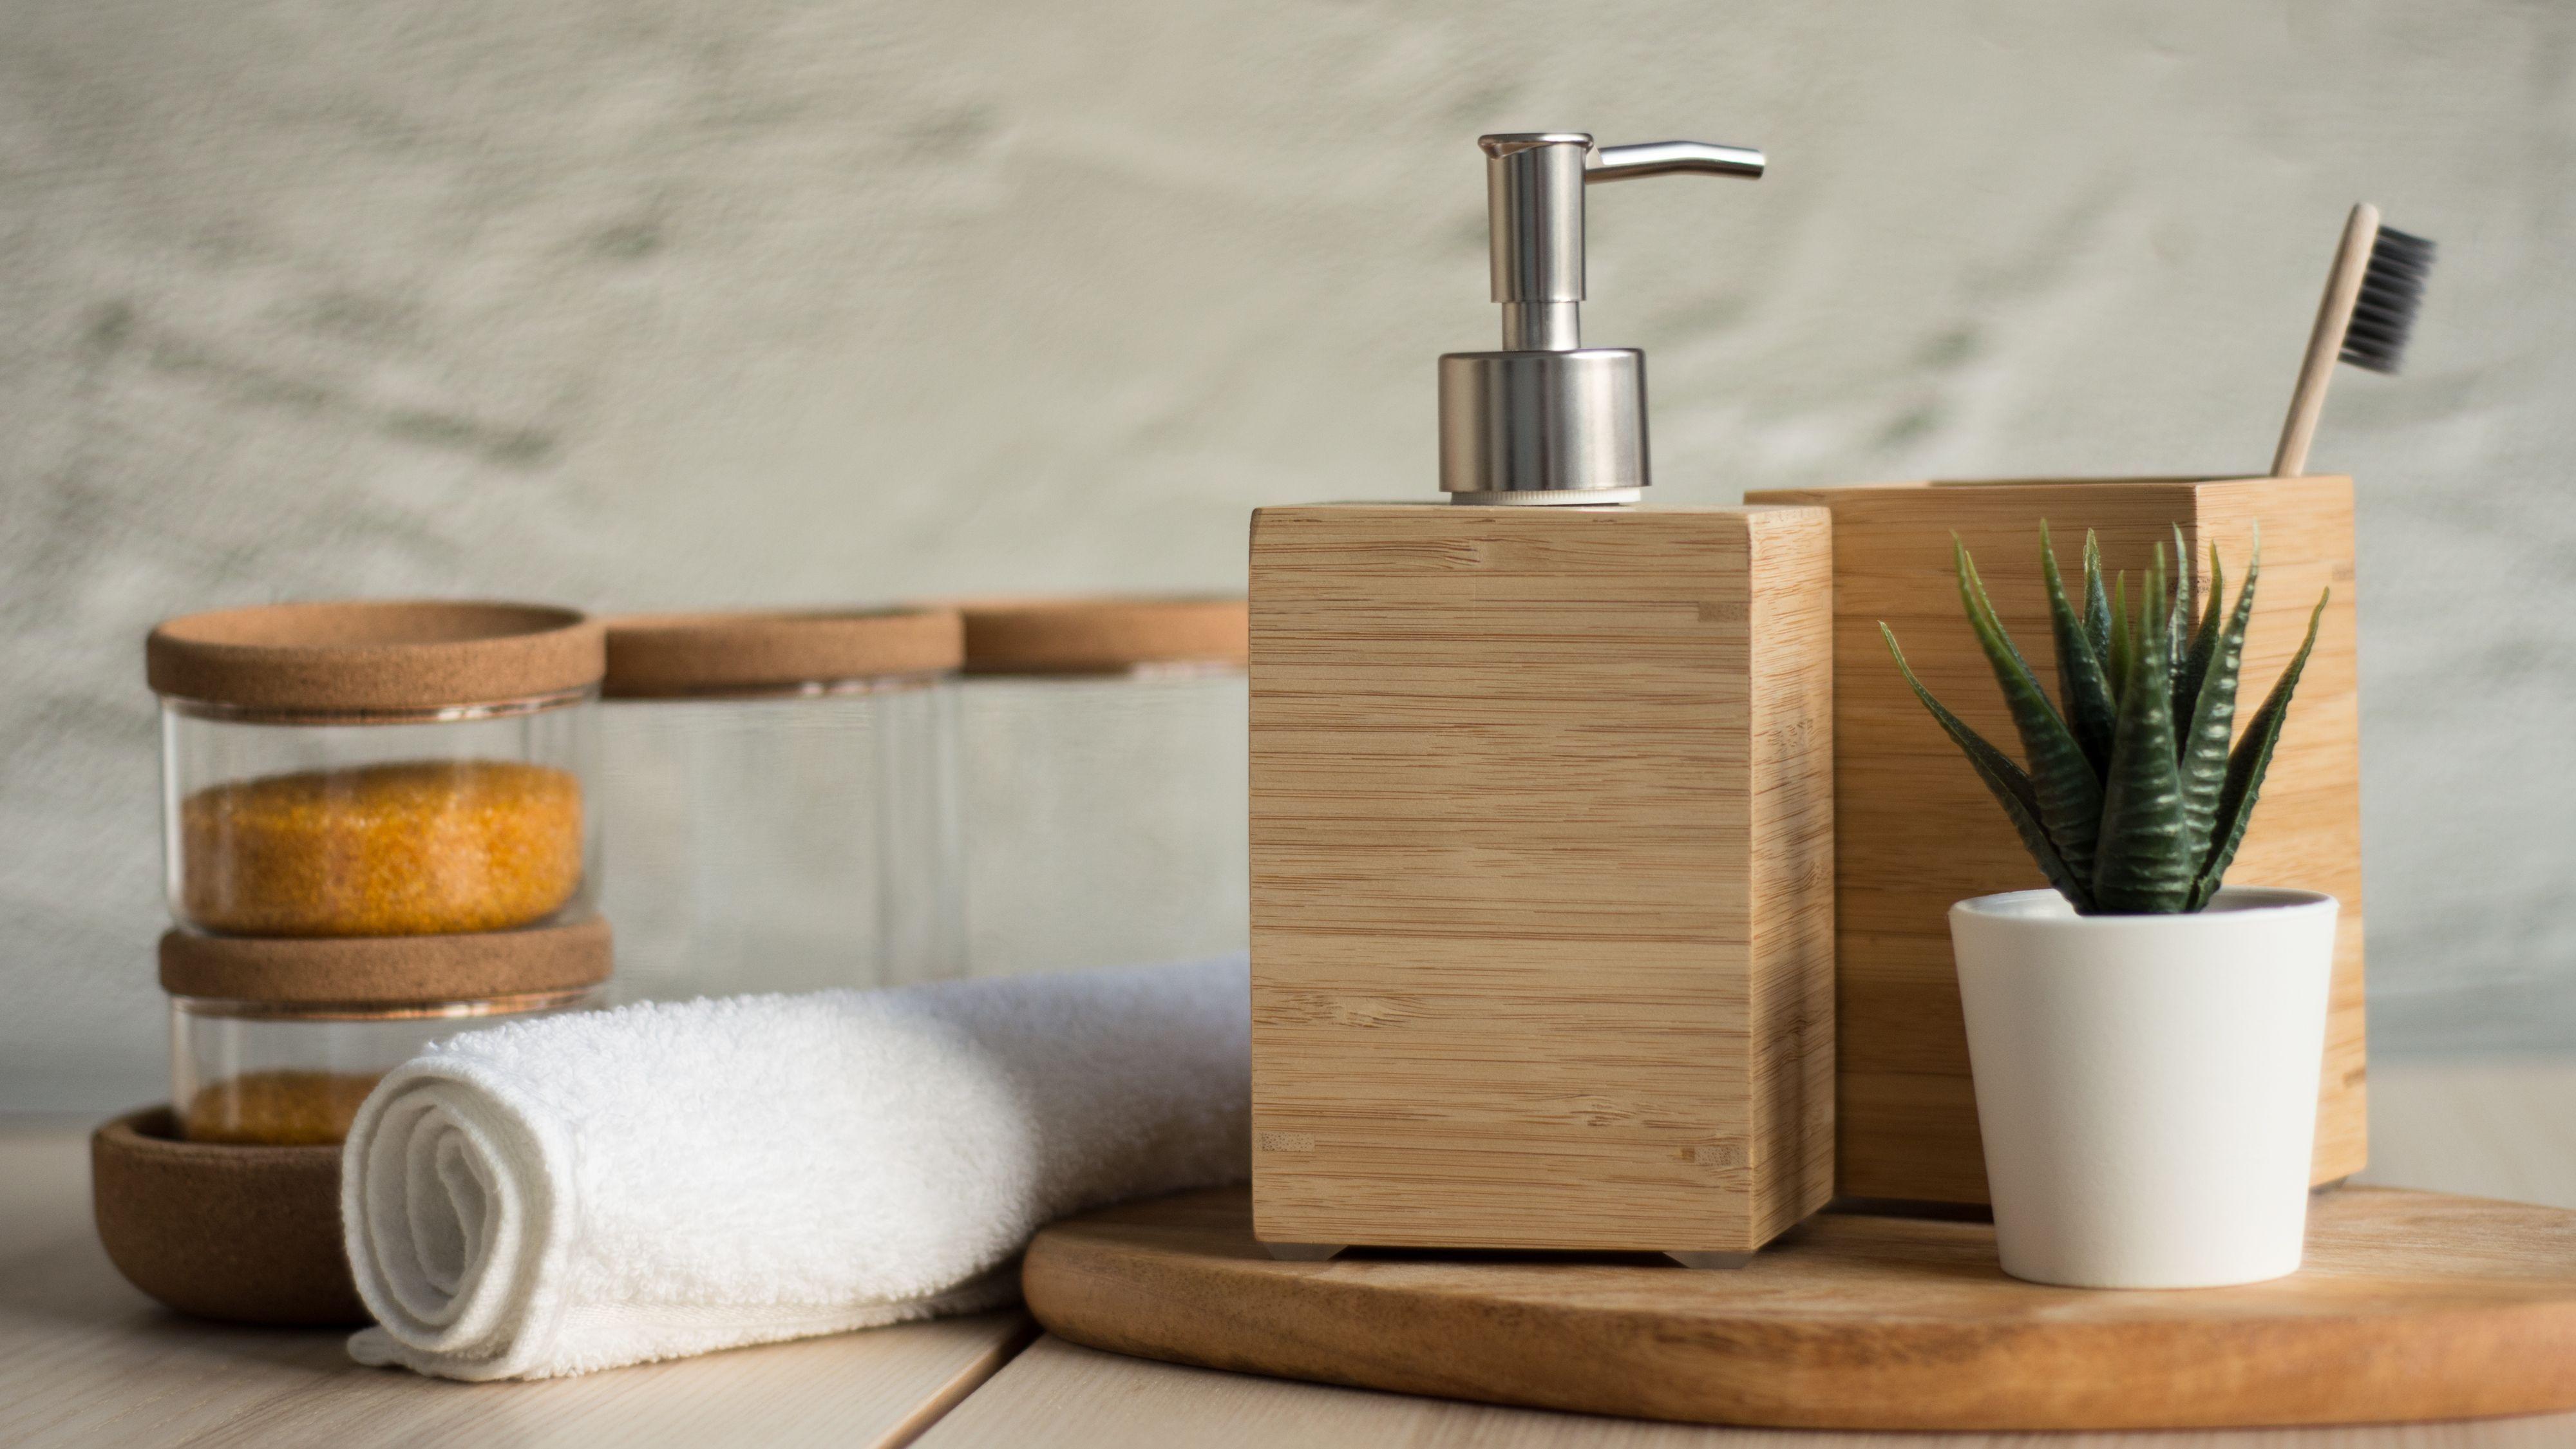 Come scegliere gli accessori per il bagno